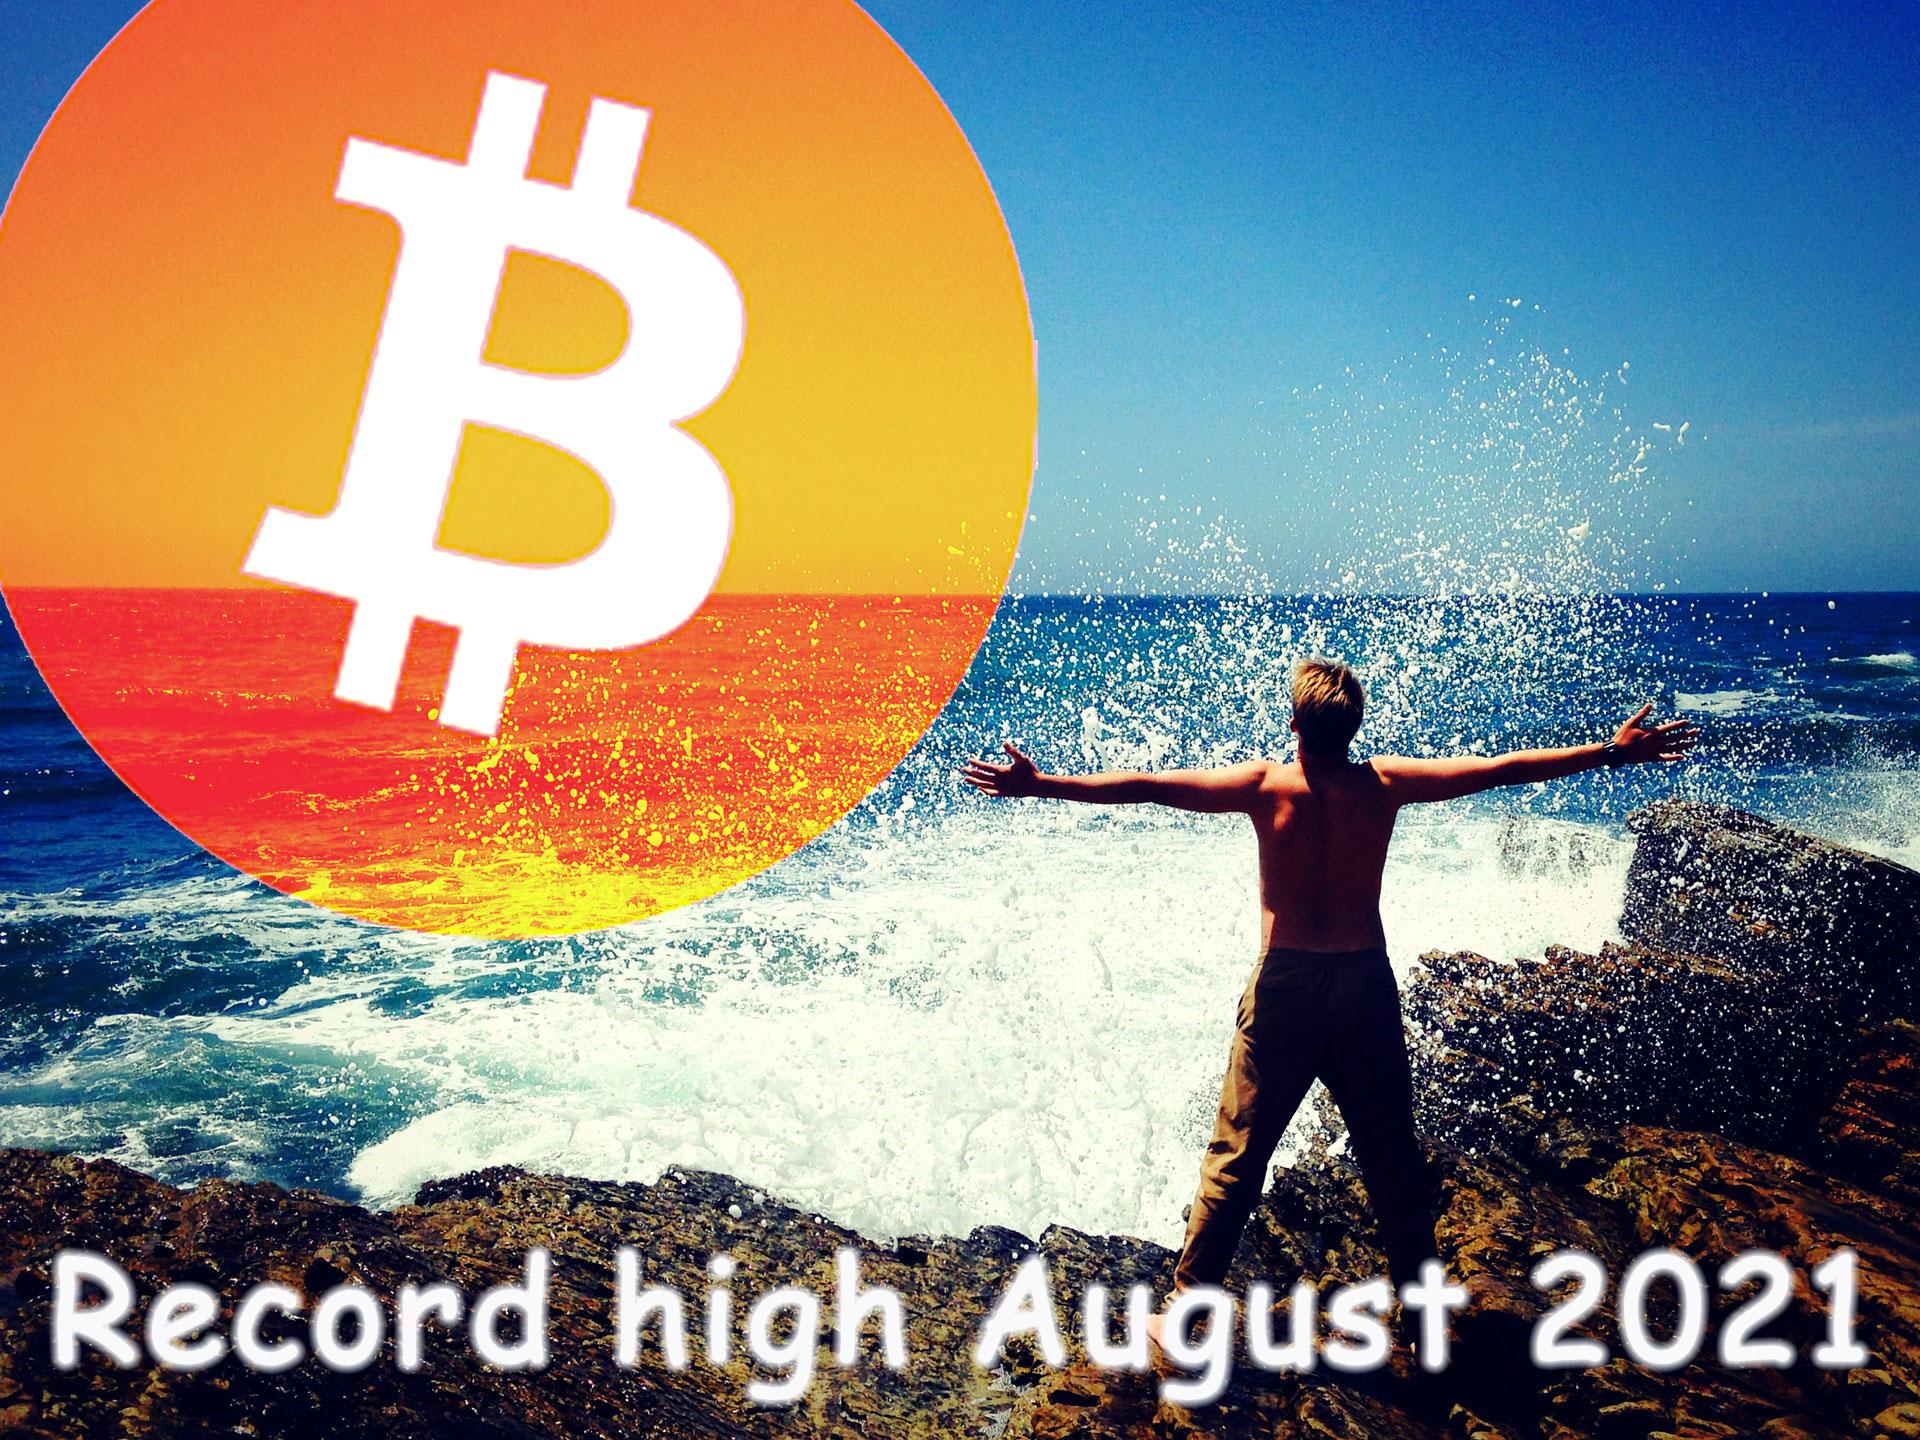 ビットコインは2021年8月に過去最高の価格に到達する:調査PanteraCapital